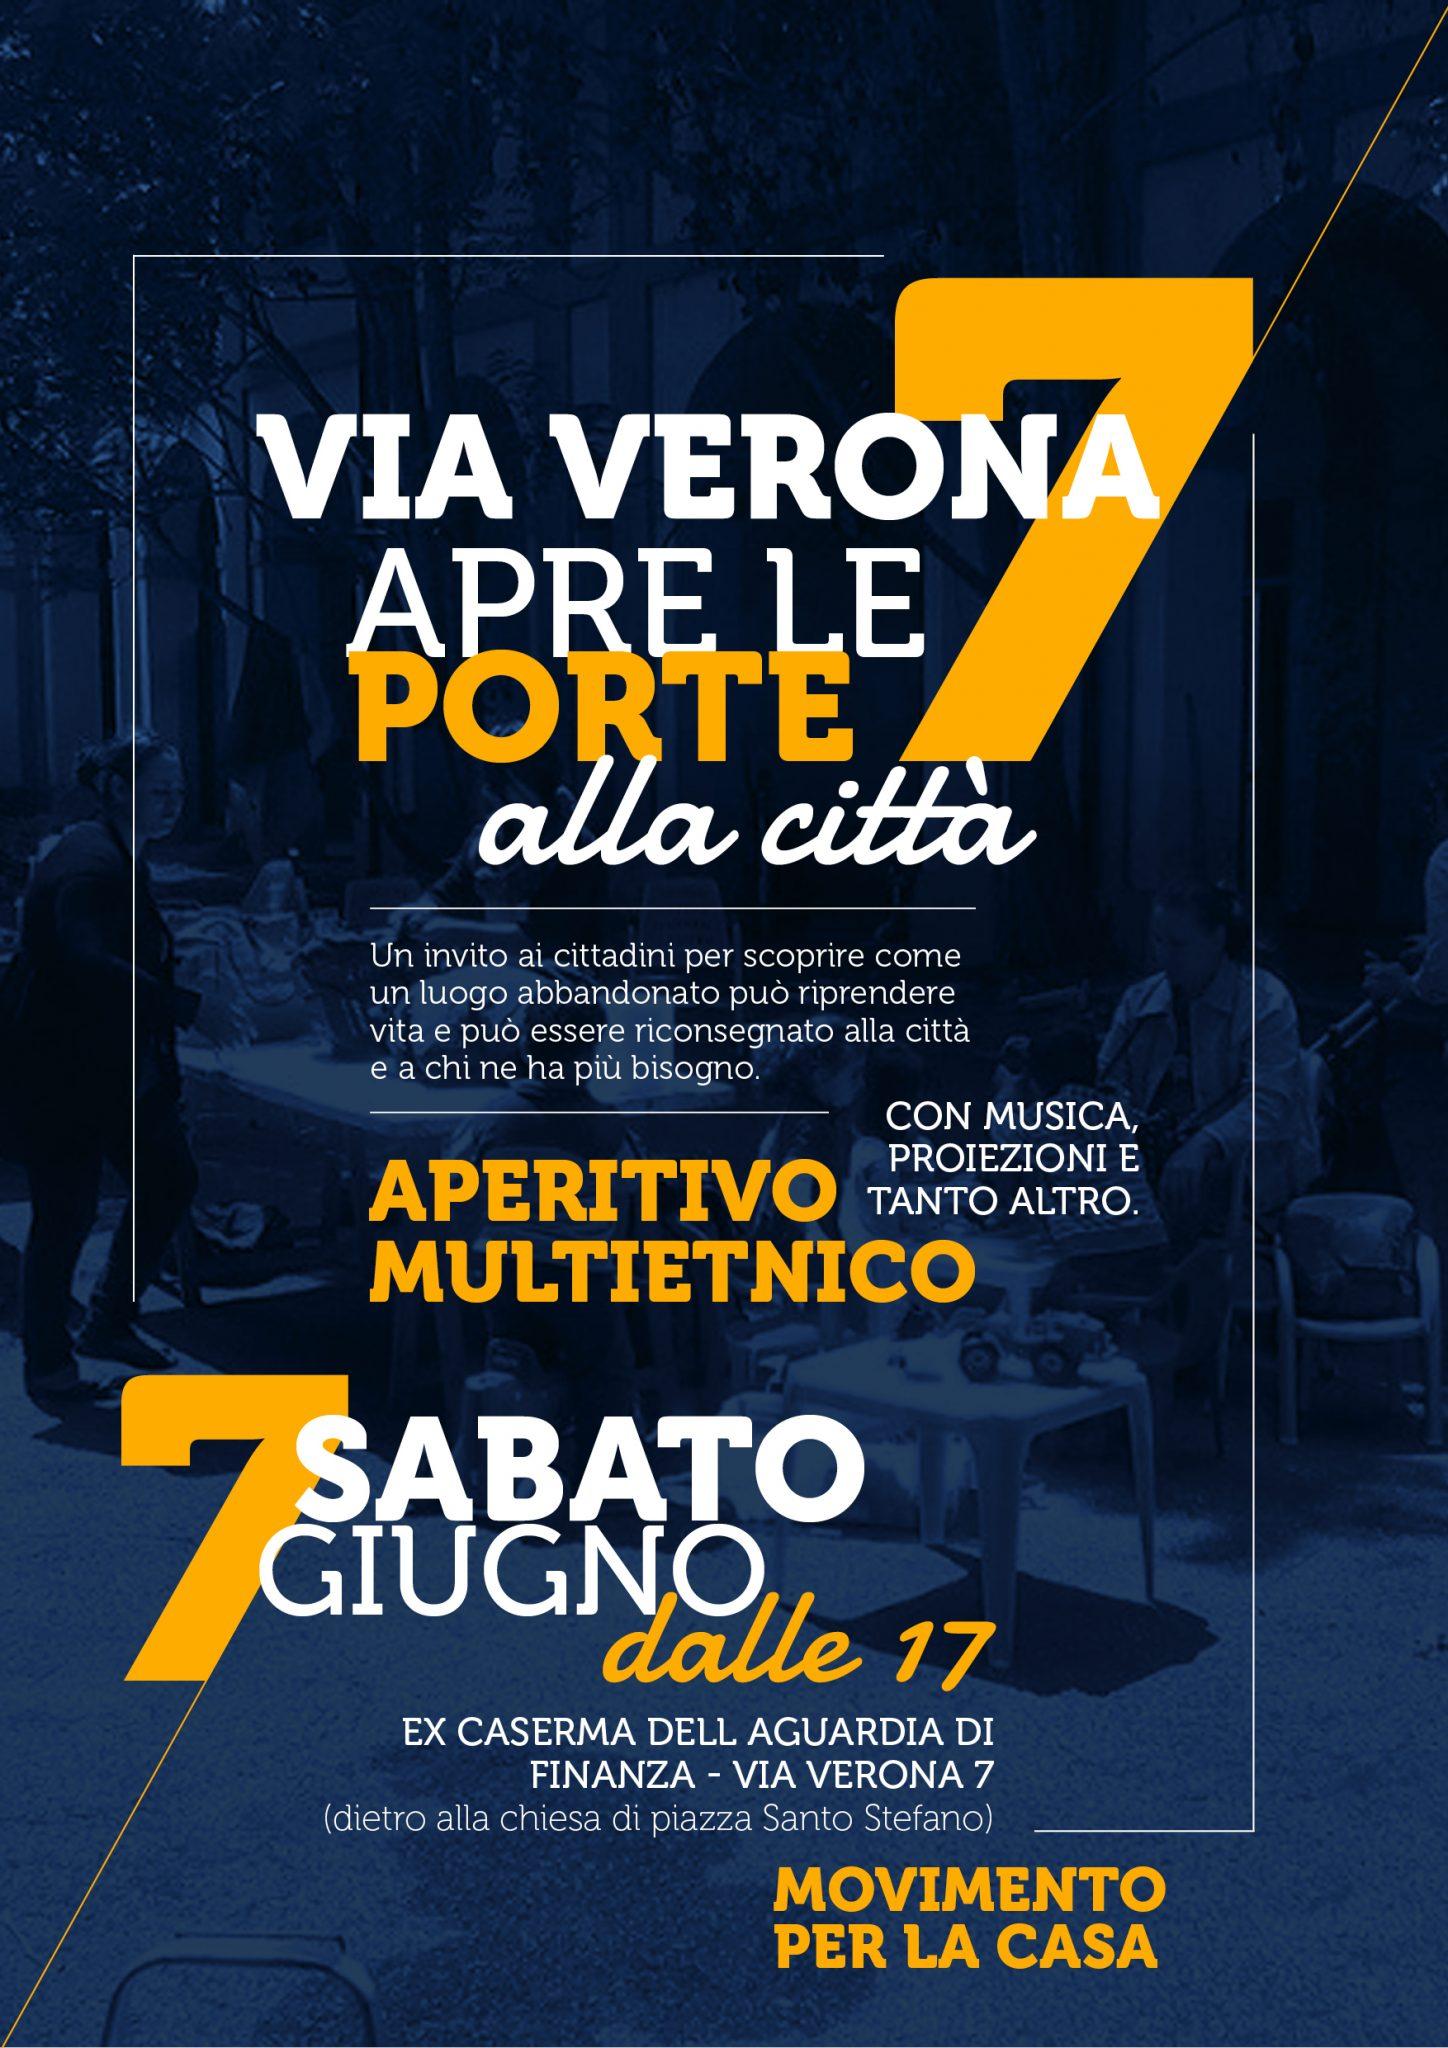 Sabato 7 Giugno – Via Verona 7 apre alla città!